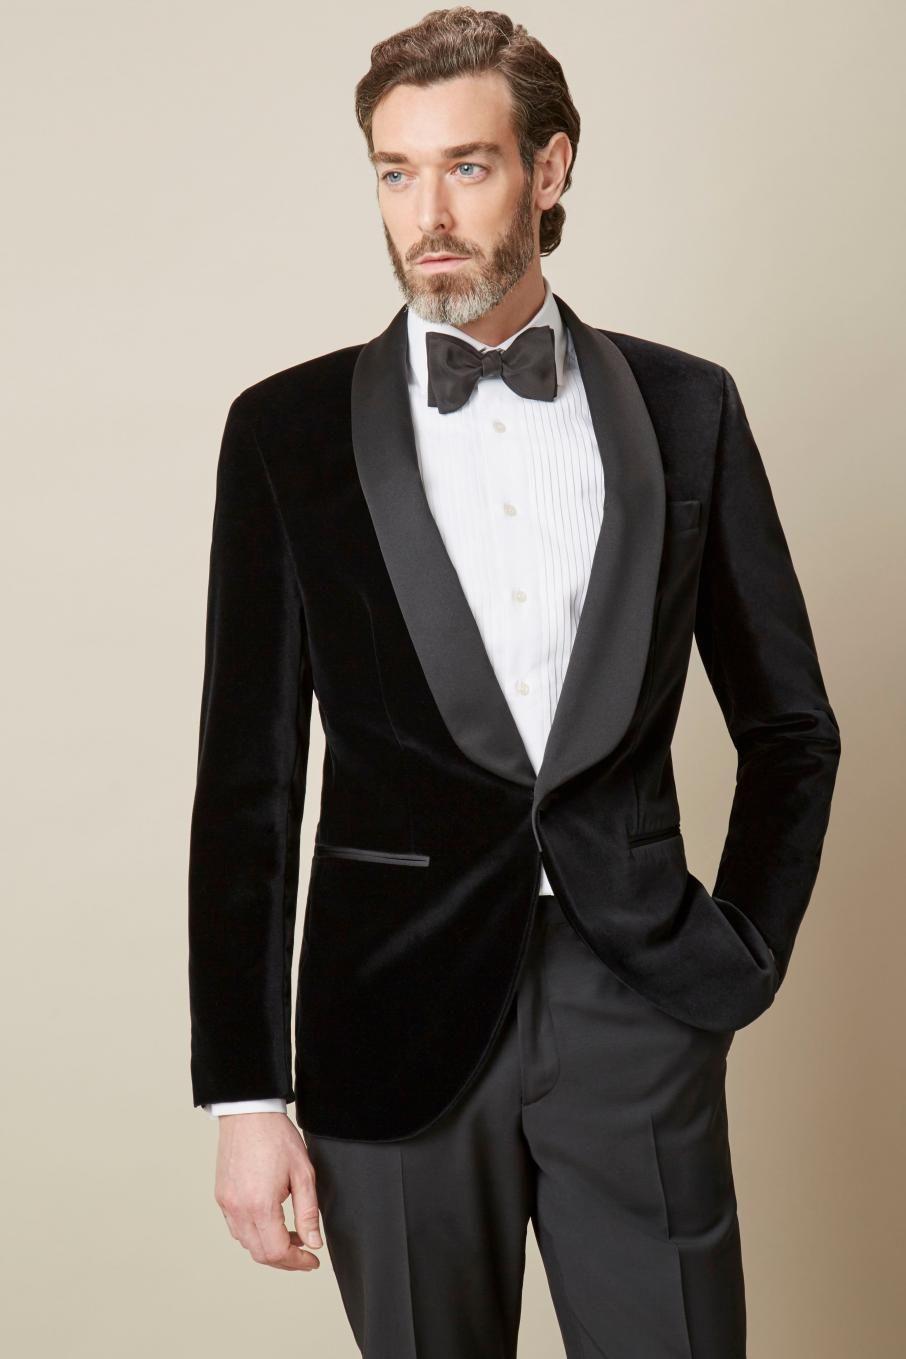 Evening Dinner Dress Attire for Men